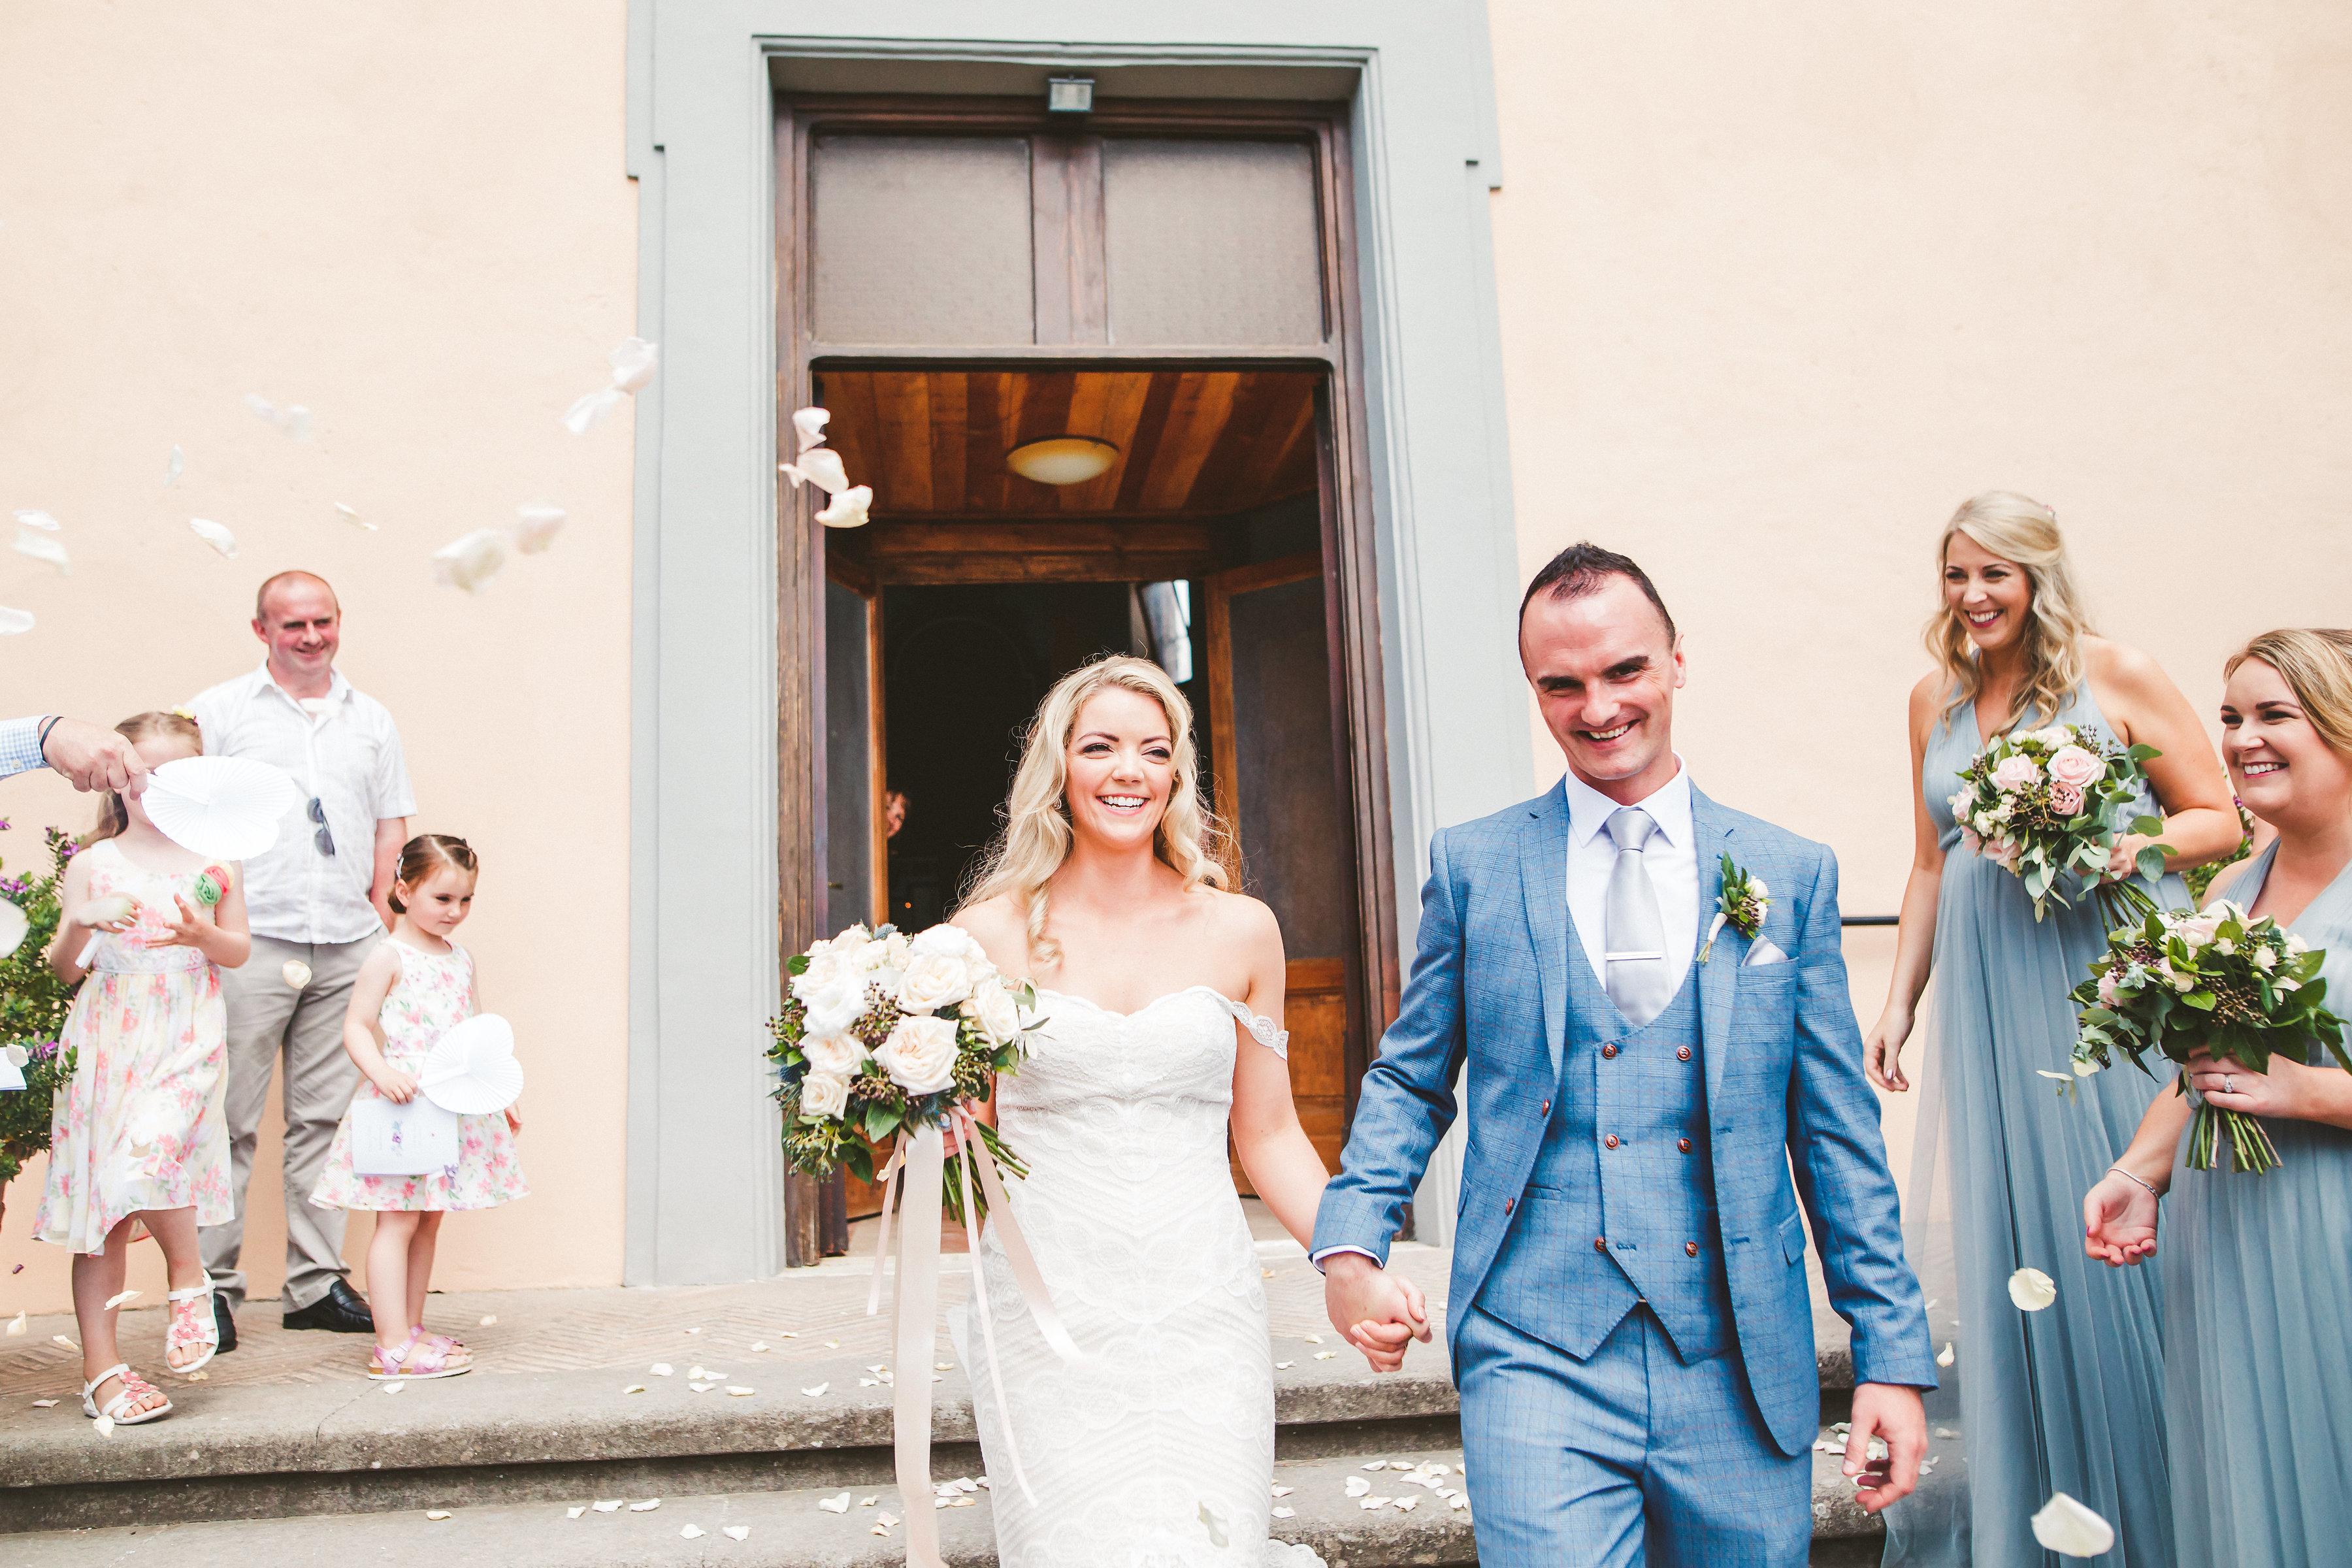 Romantic wedding at Borgo di Tragliata